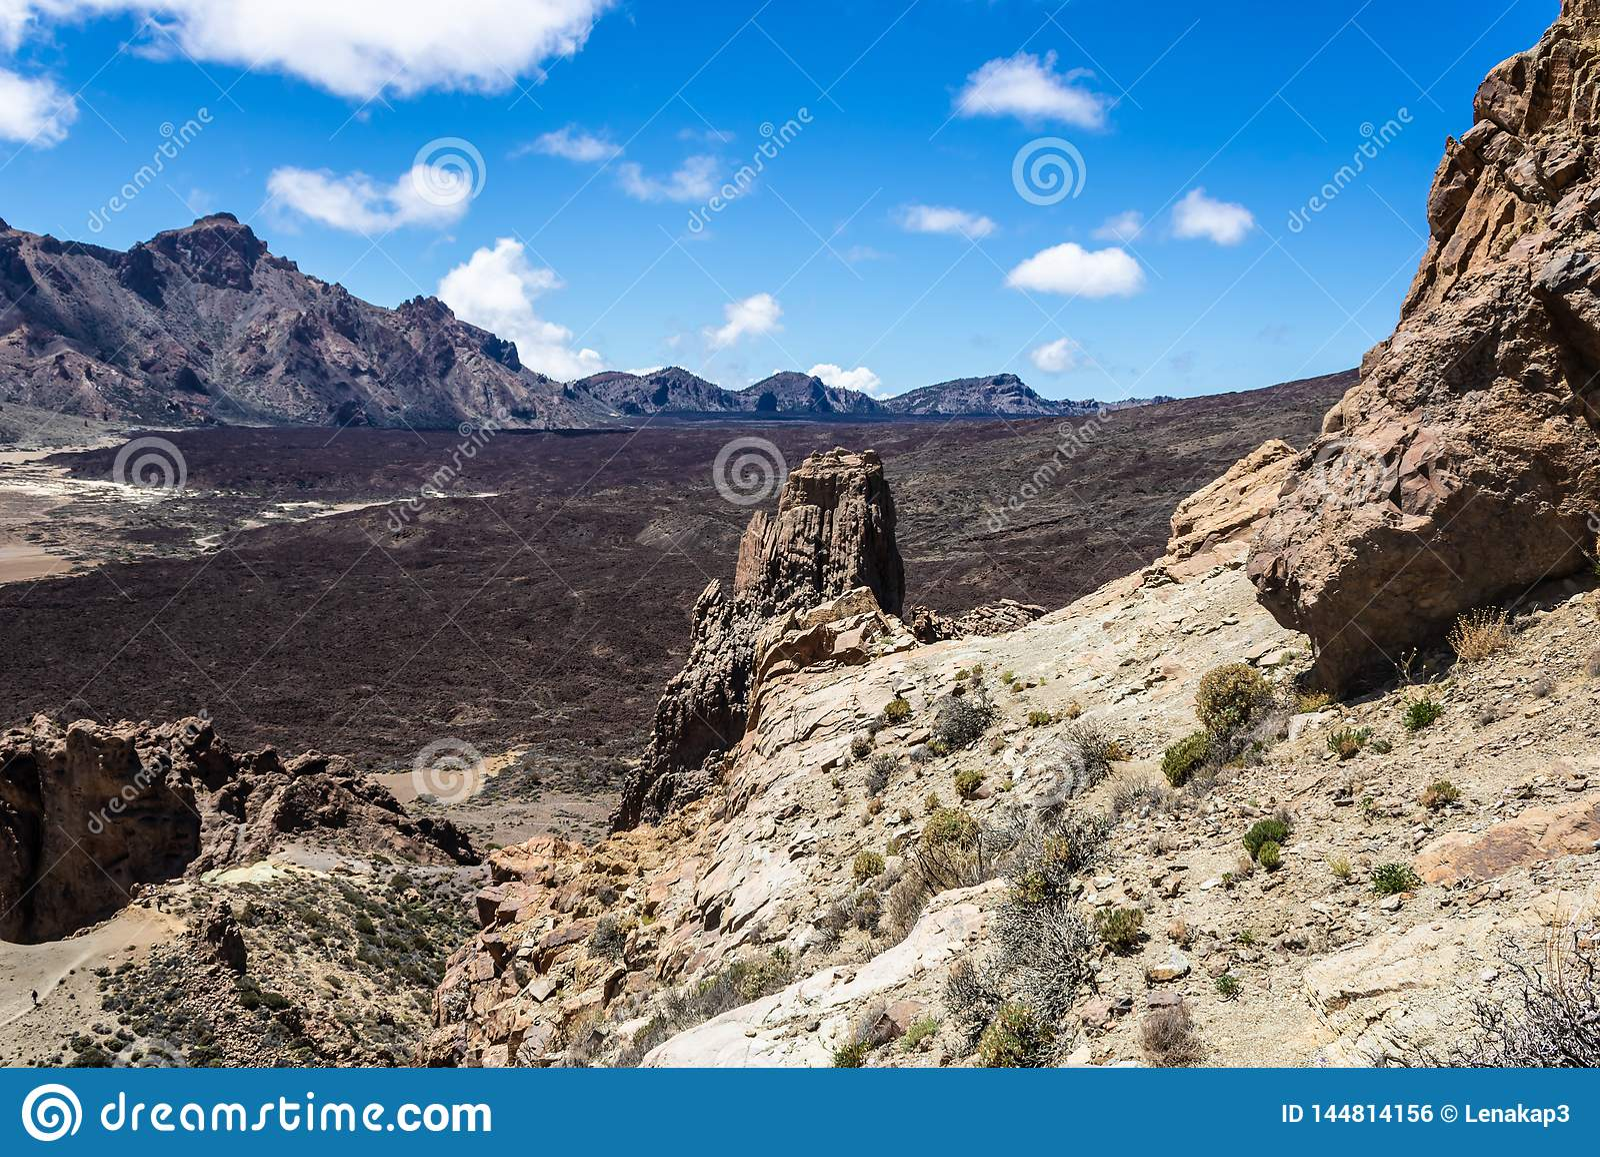 Rocce vulcaniche vicino al supporto Teide, Tenerife, isole Canarie, Spagna - immagine